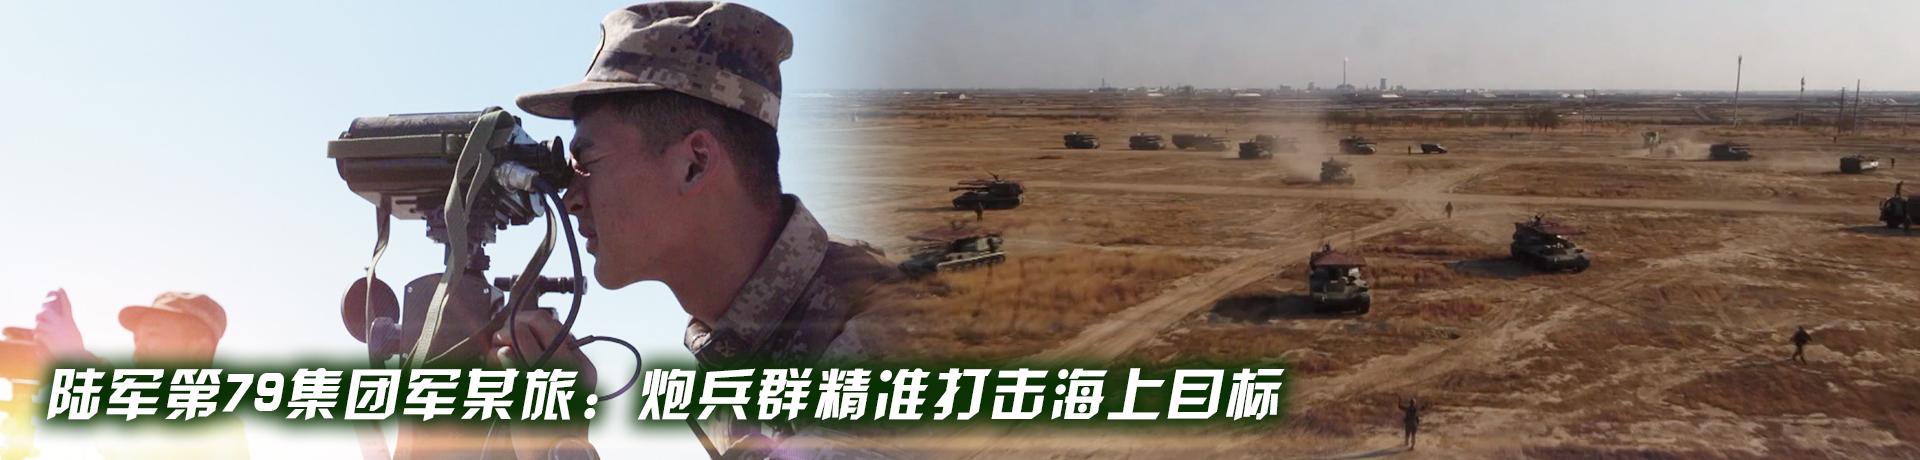 陆军第79集团军某旅:炮兵群精准打击海上目标